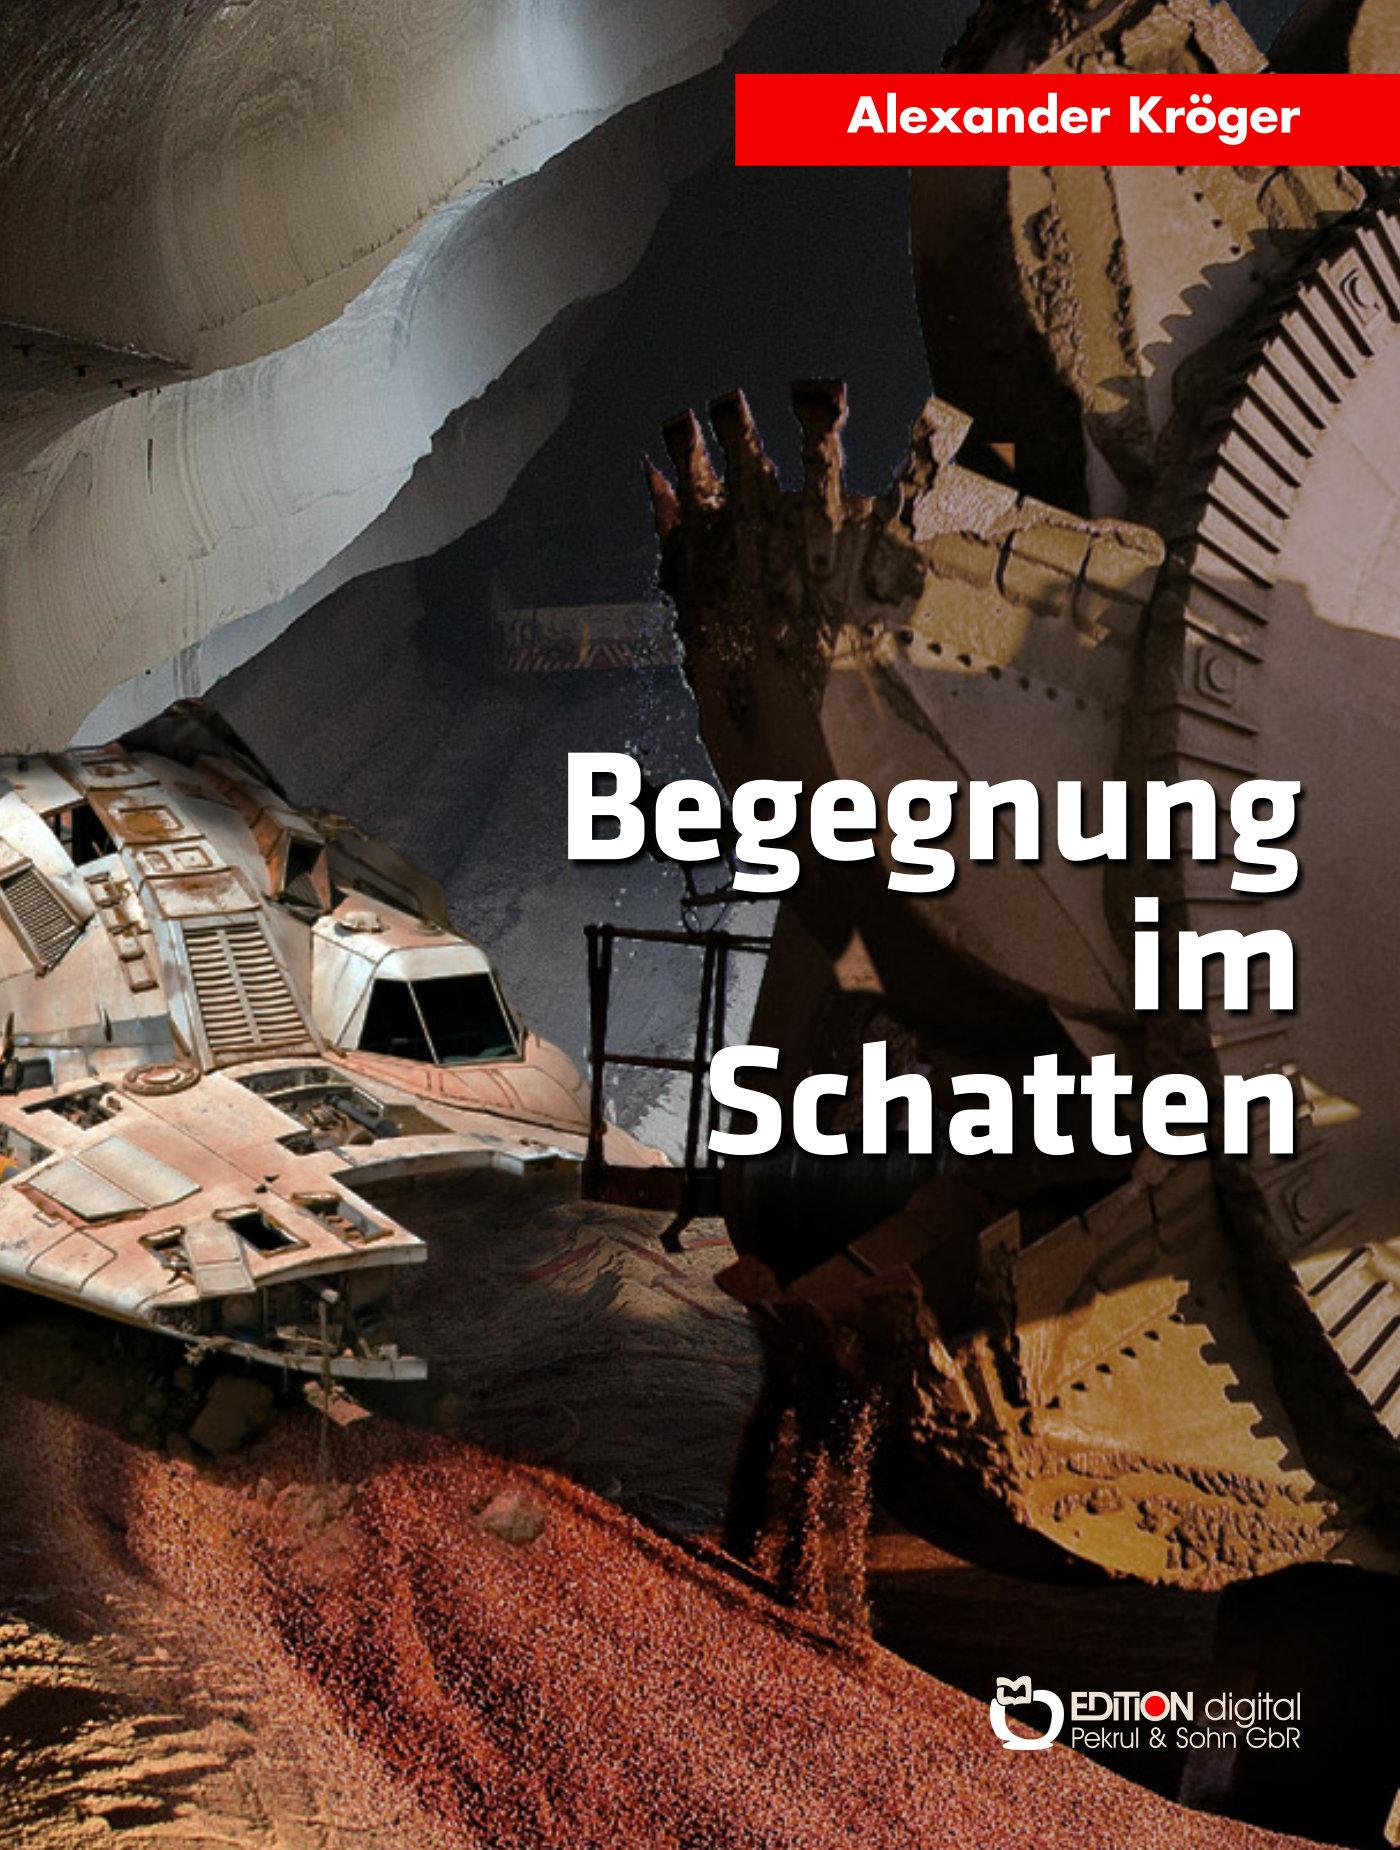 Begegnung im Schatten. Science Fiction-Roman von Alexander Kröger